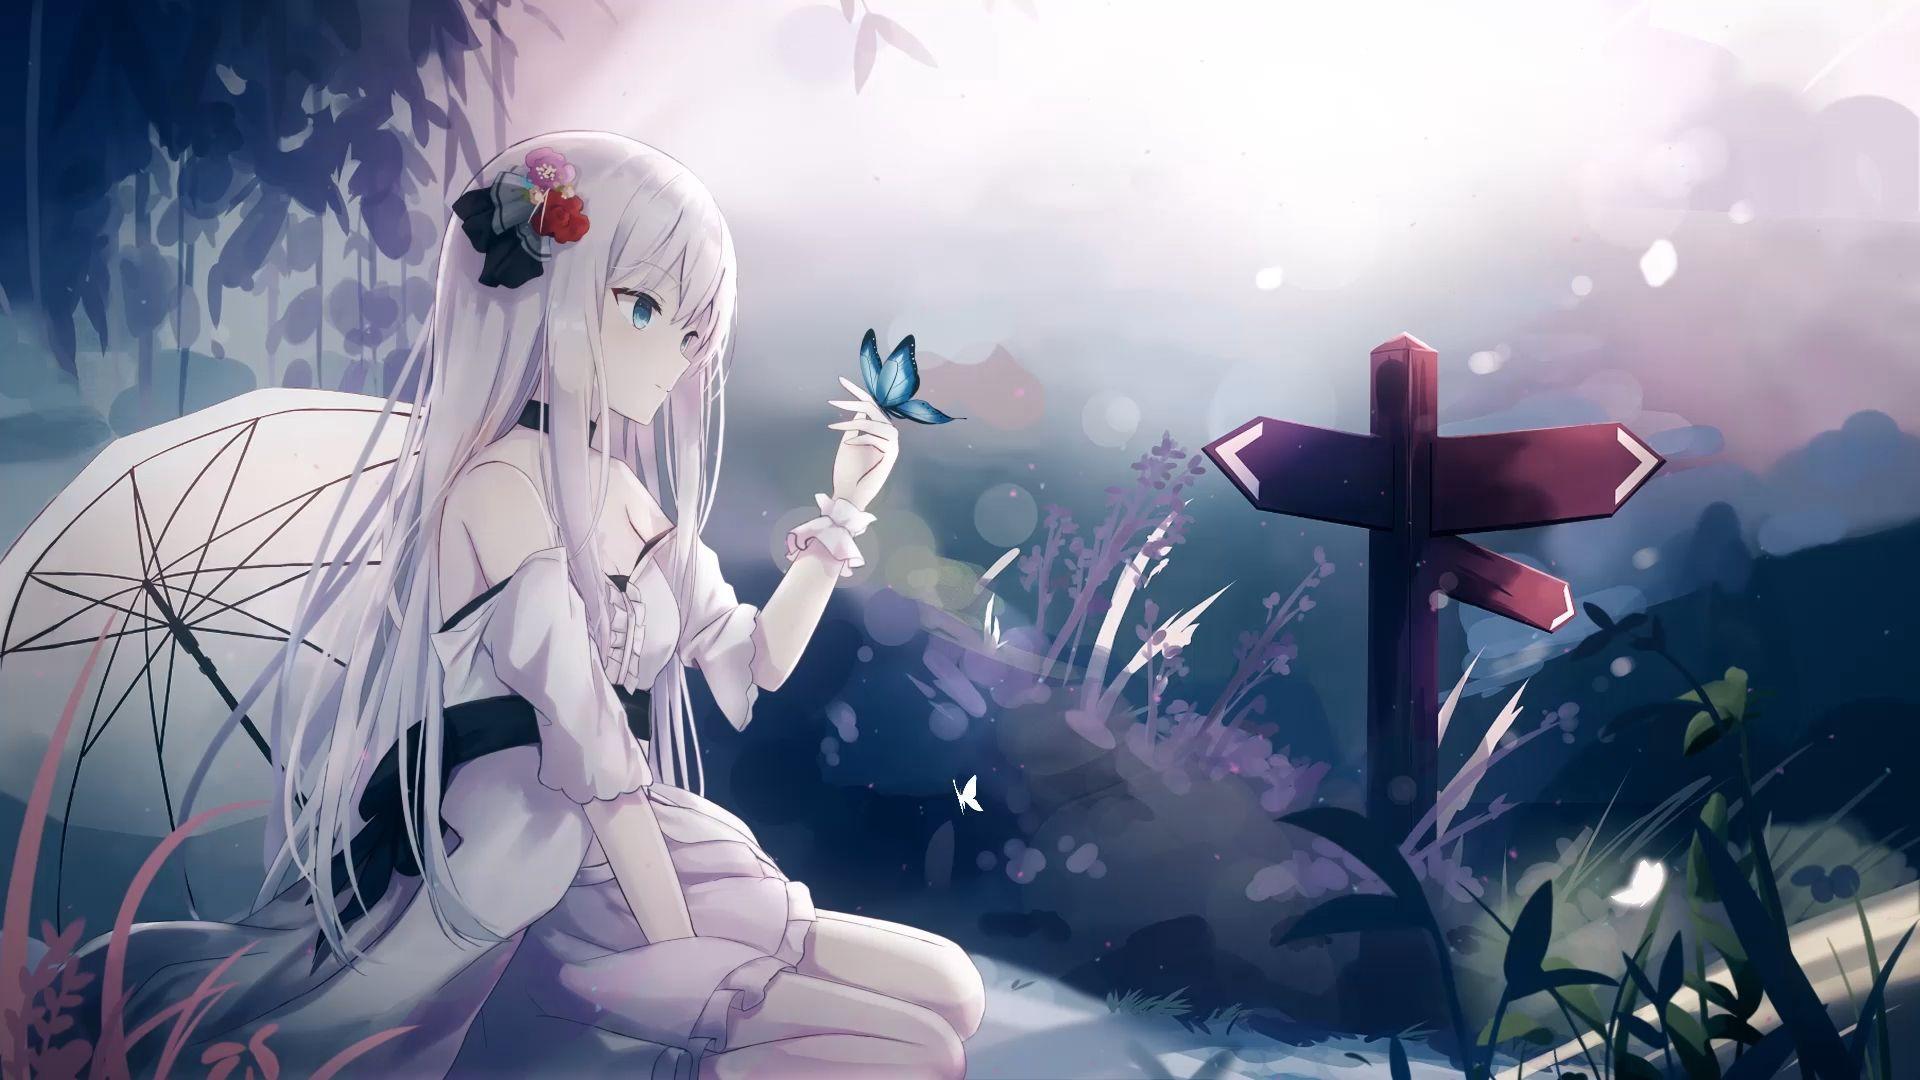 Recital Butterfly Girl 1080p Wallpaper Engine Anime 1080p Anime Wallpaper Anime 1920 X 1080 Wallpaper Anime Cute anime wallpaper engine